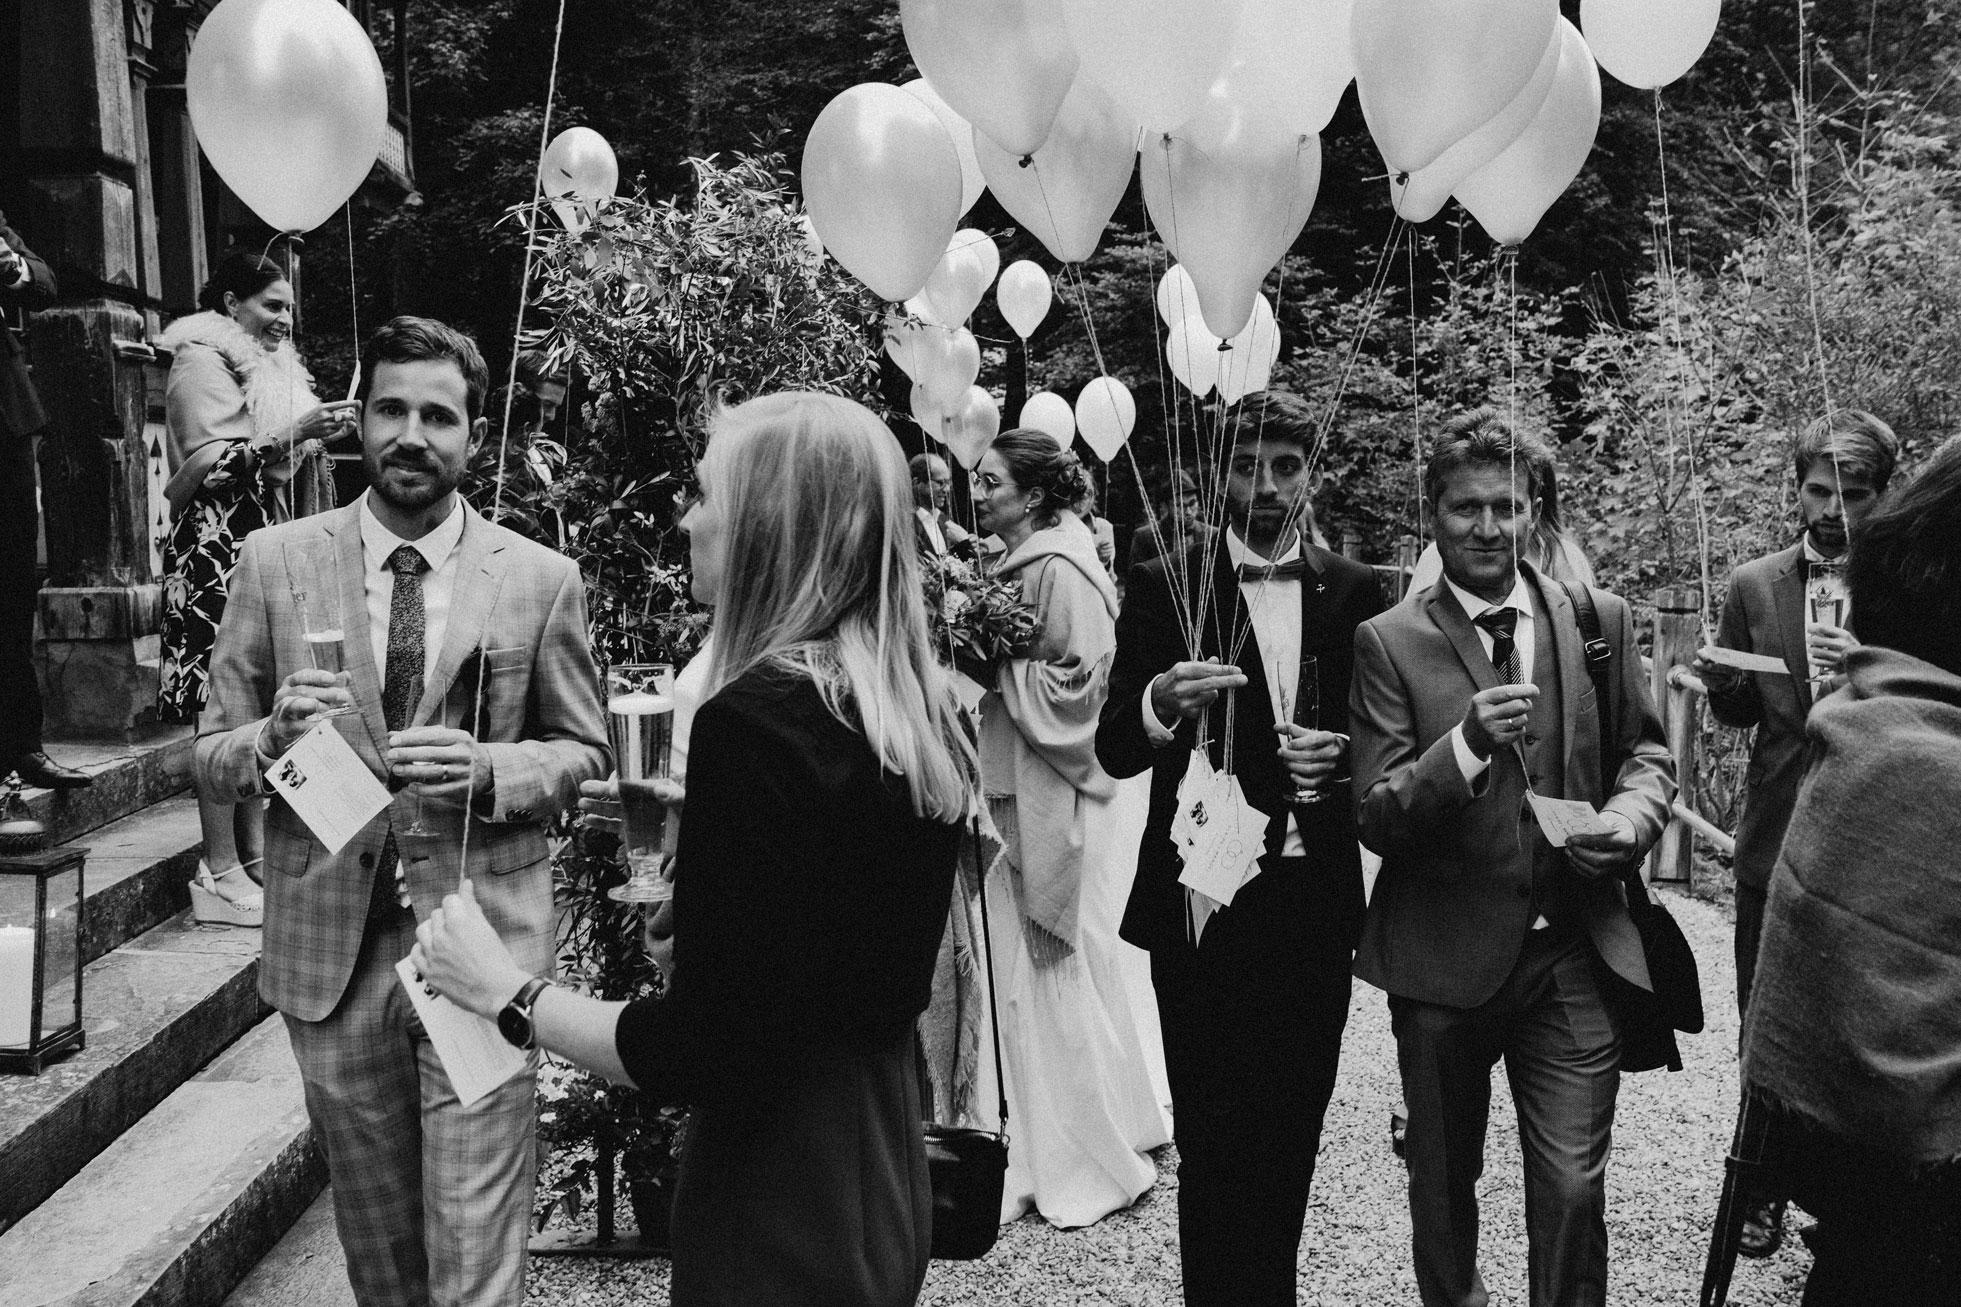 Hochzeit_Claire_Manuel_Villa_Maund_Daniel_Jenny-434.jpg